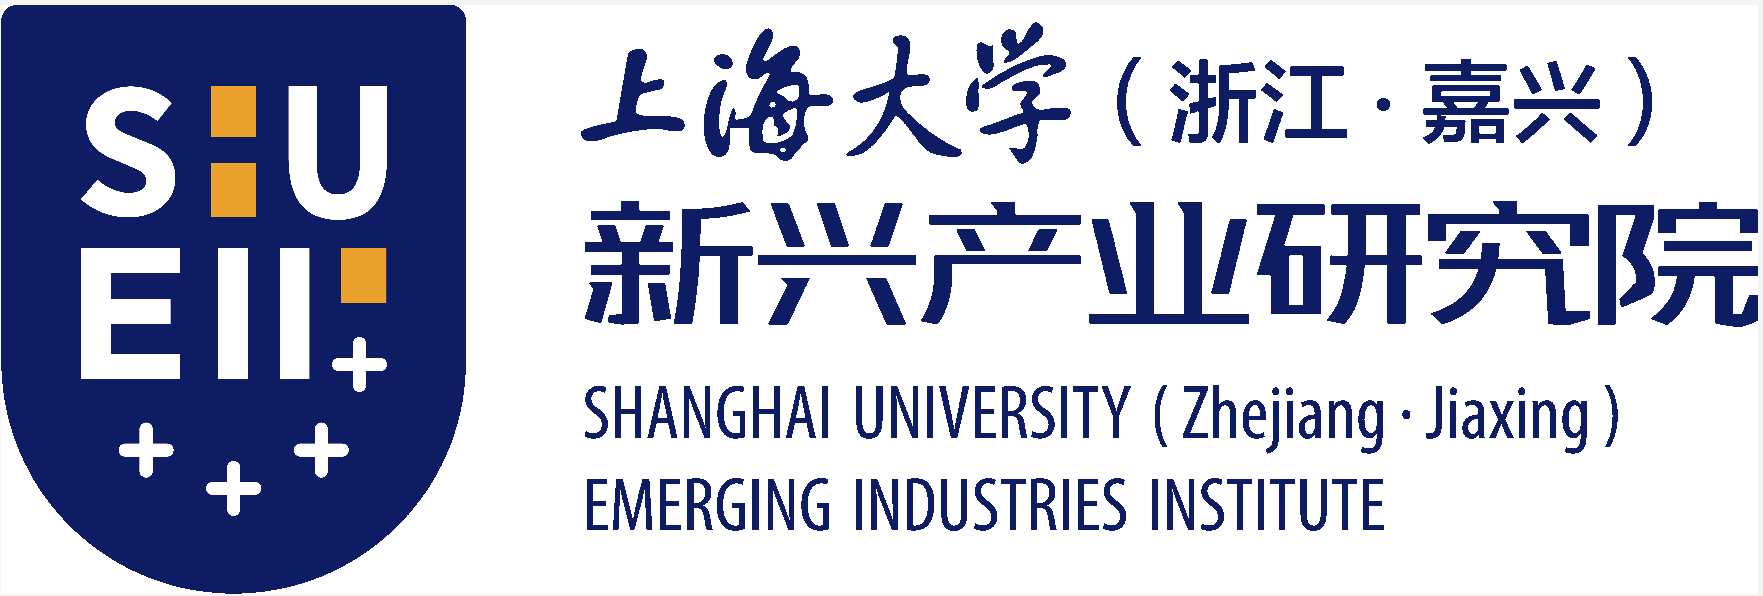 上海大學(浙江?嘉興)新業產業研究院